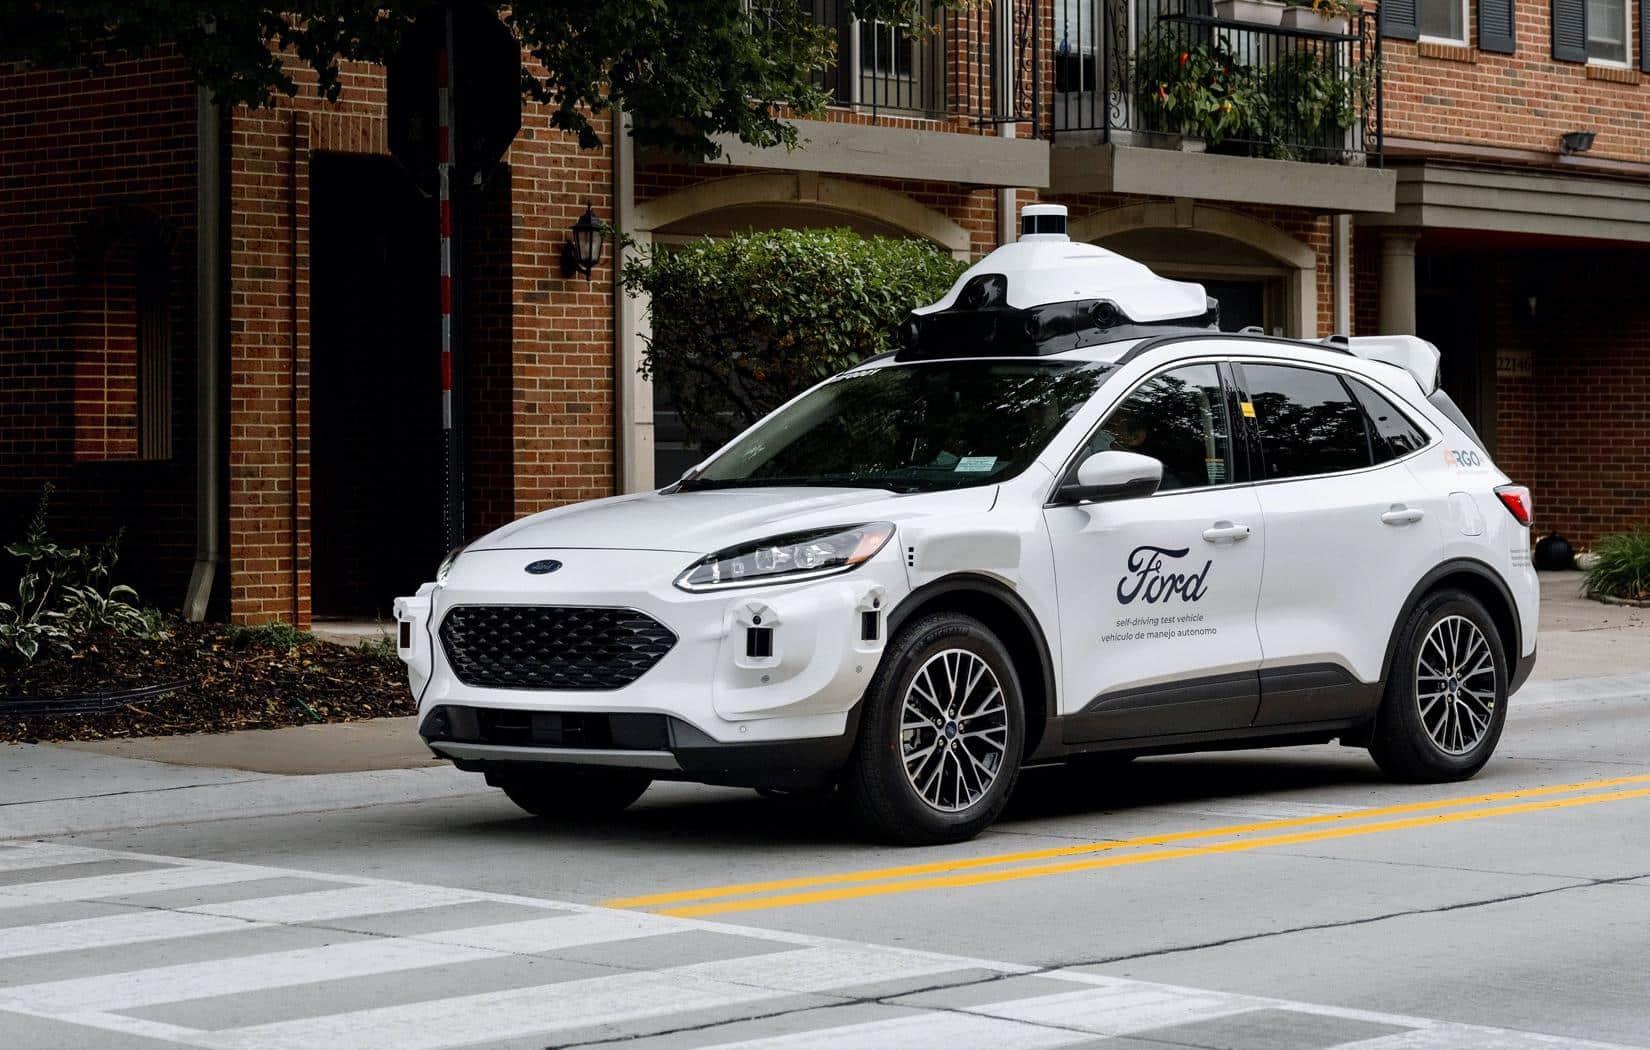 Ford adiciona o SUV Escape à sua frota de carros autônomos